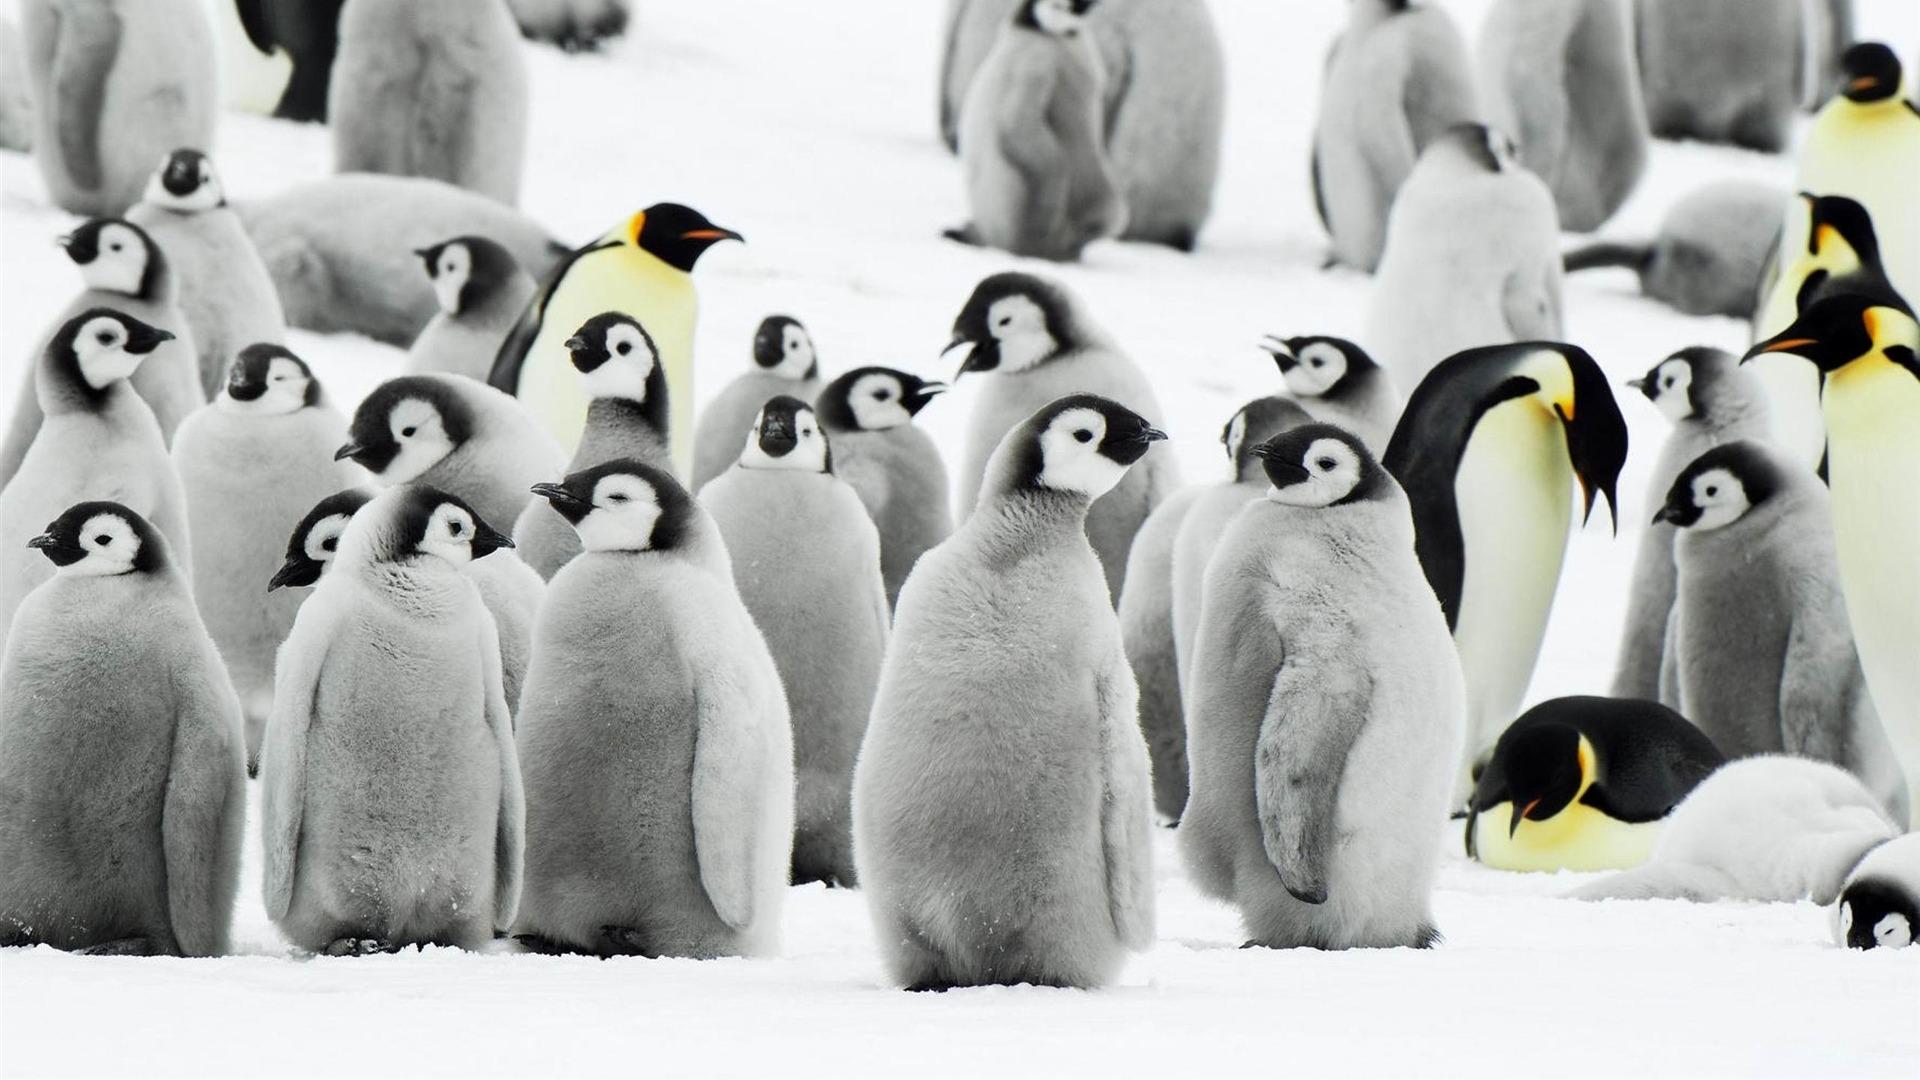 ペンギン 動物写真の壁紙プレビュー 10wallpaper Com